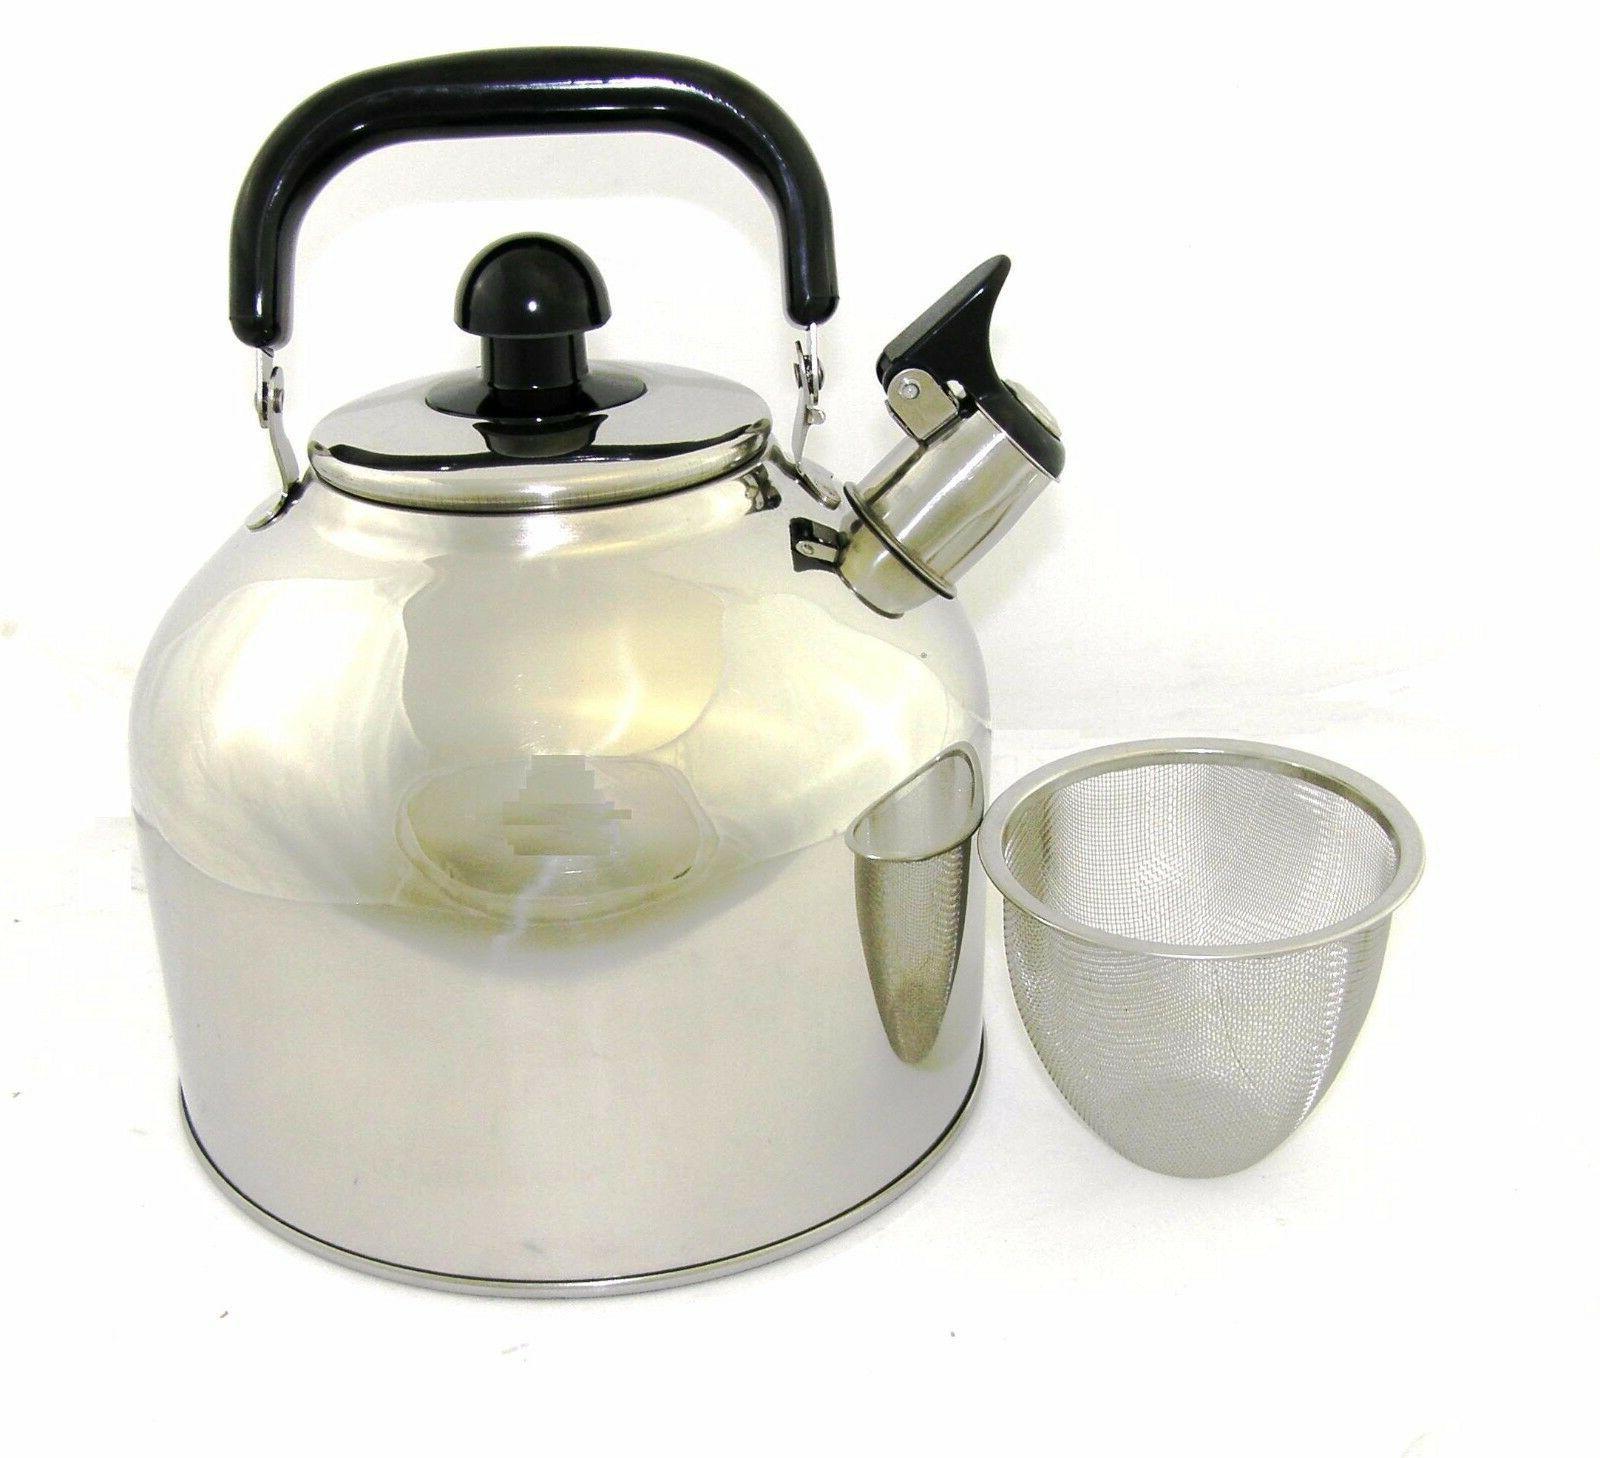 Stainless 4.5 Liter Quart Whistling WK1922